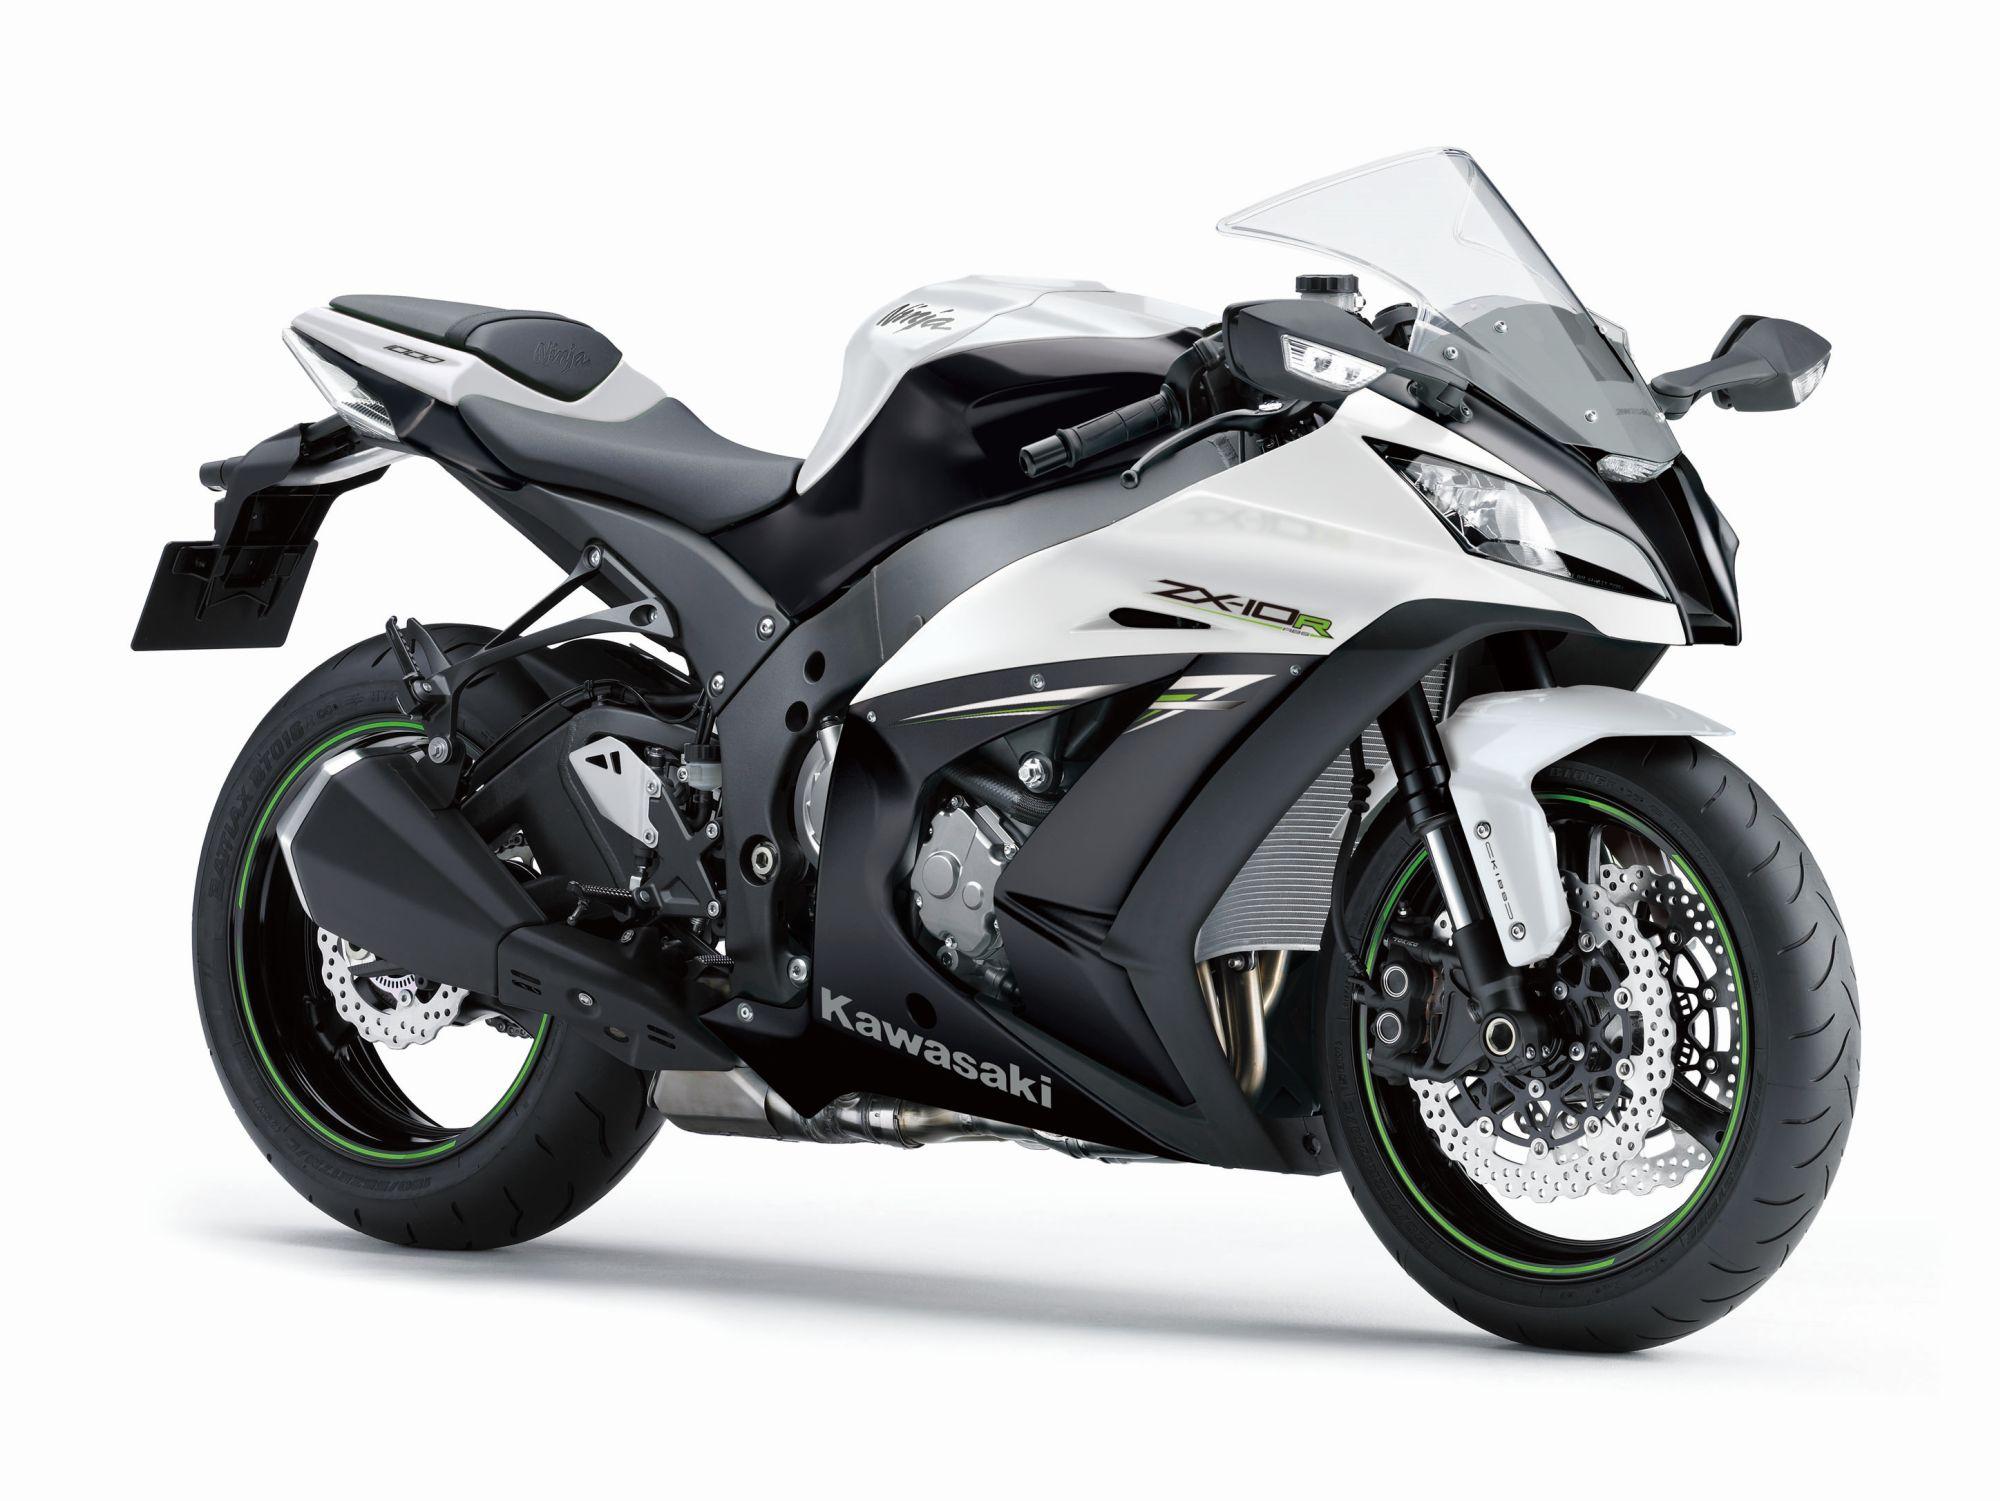 Kawasaki Ninja For Sale Philippines